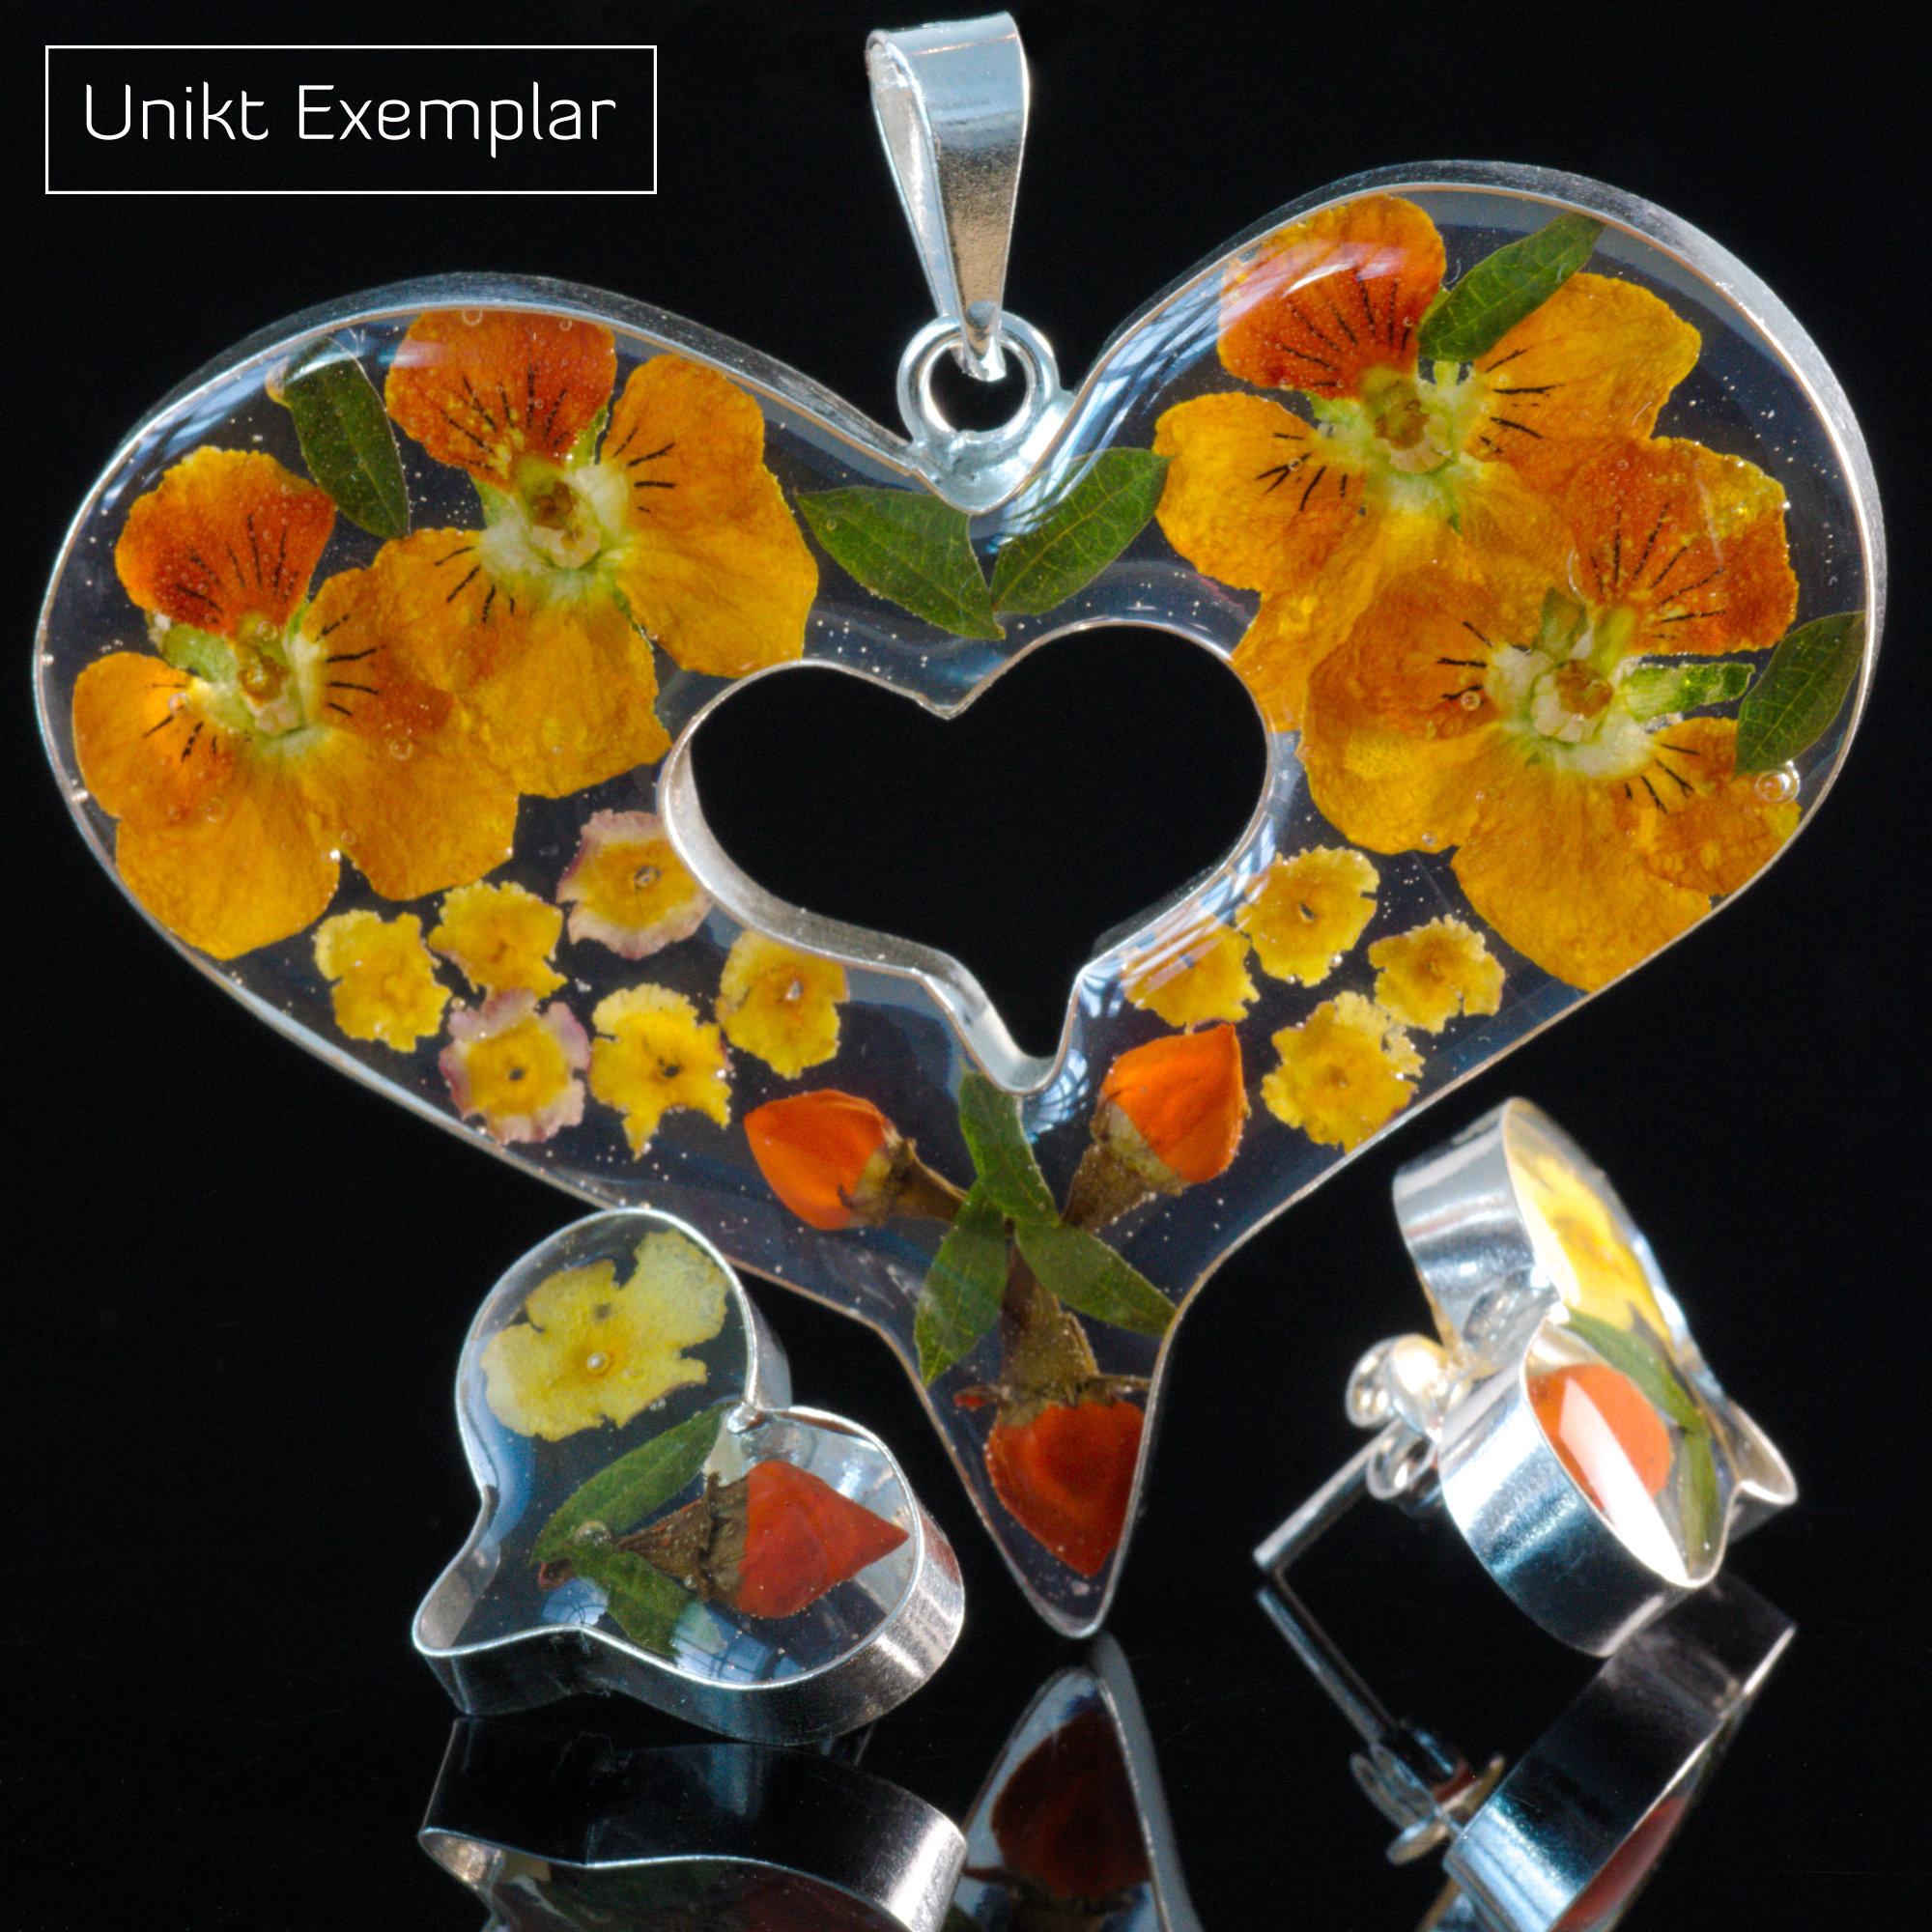 Violeta - Kombination med berlock och örhängen, orange, gul, röd